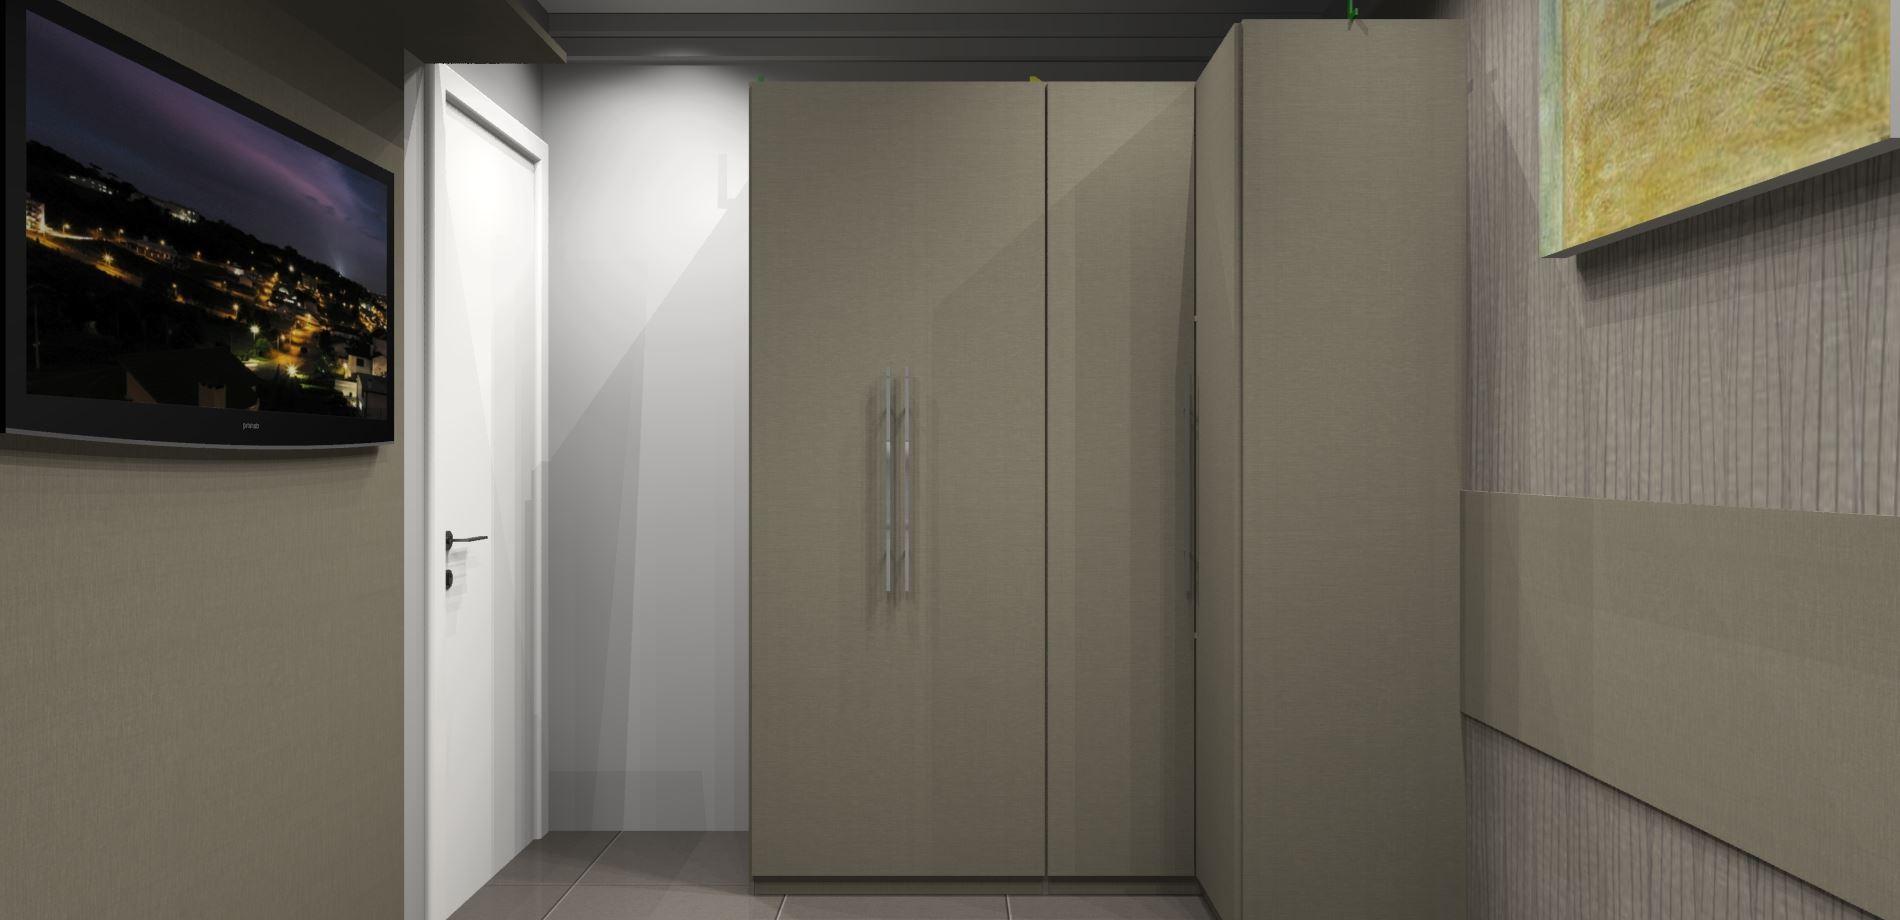 Dormitório Casal Armários Fechados